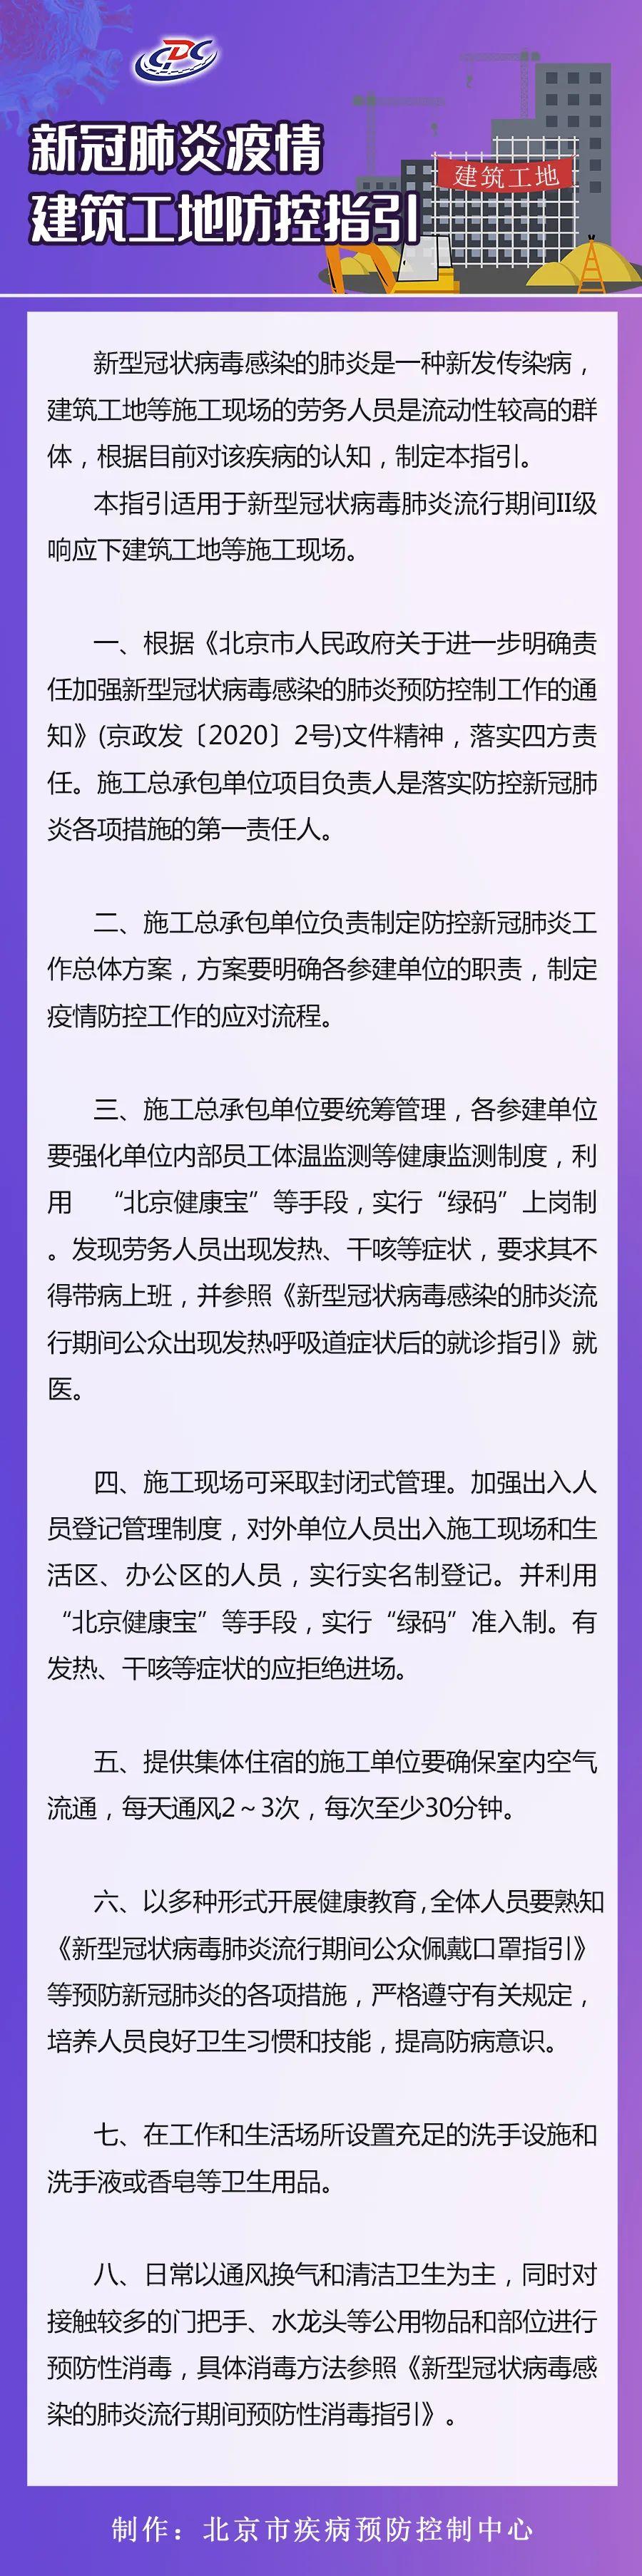 北京发布建筑工地防控指引,施工现场可封闭管理、实名制登记